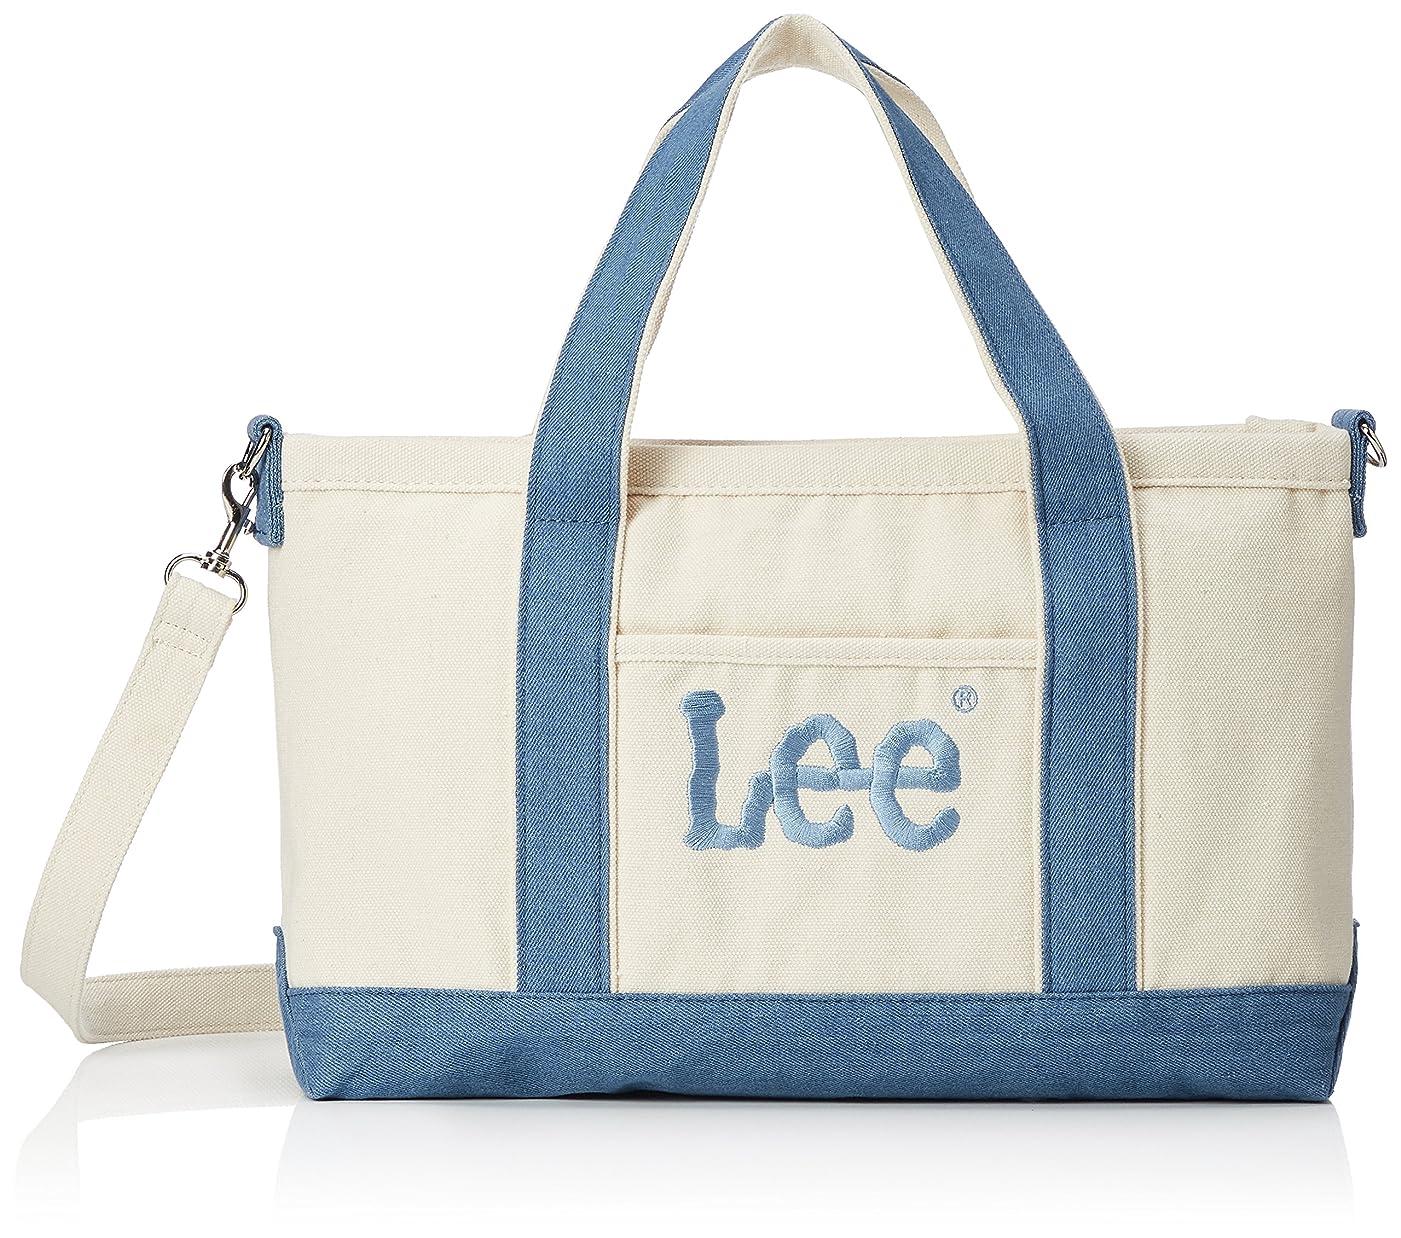 寝る水族館椅子[リー] トートバッグ 2WAY ショルダー 厚手コットンキャンバス(帆布) Leeビッグロゴ刺繍